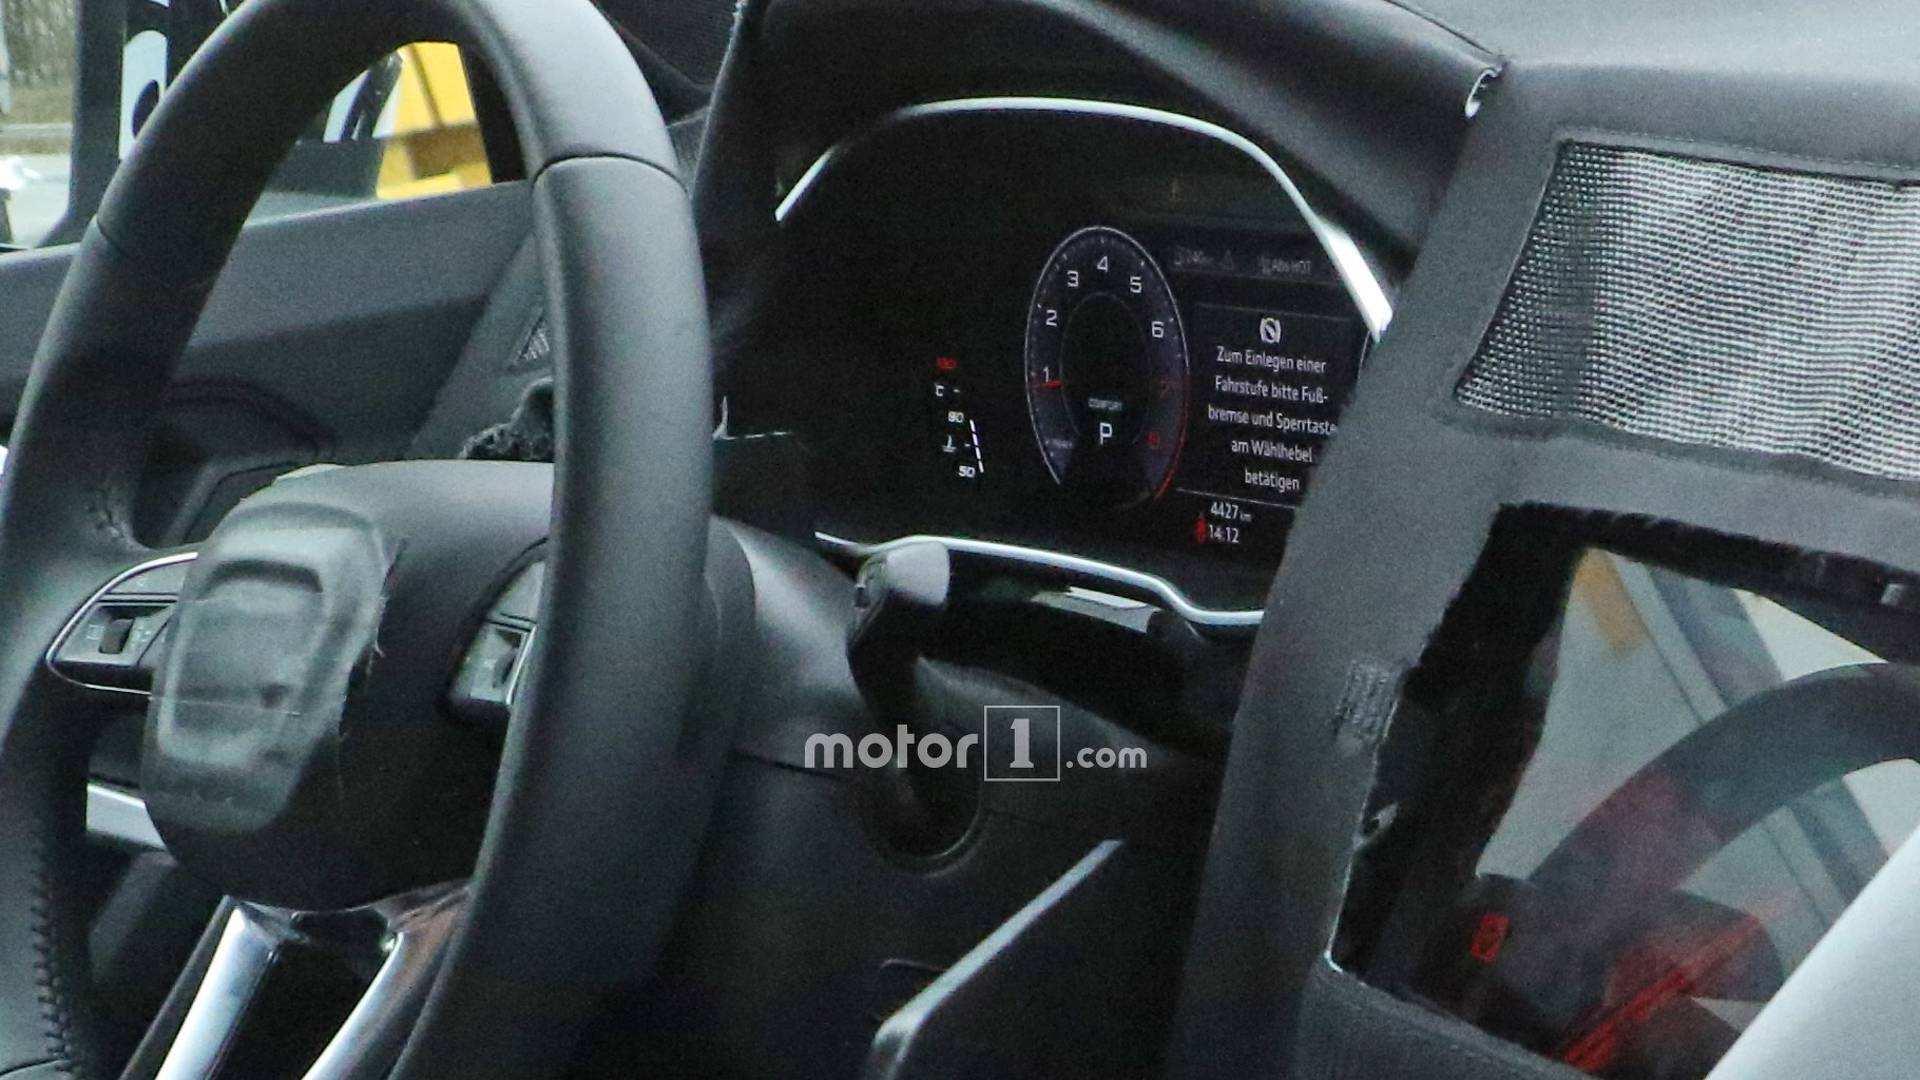 90 New 2020 Audi Q3 Interior Photos with 2020 Audi Q3 Interior